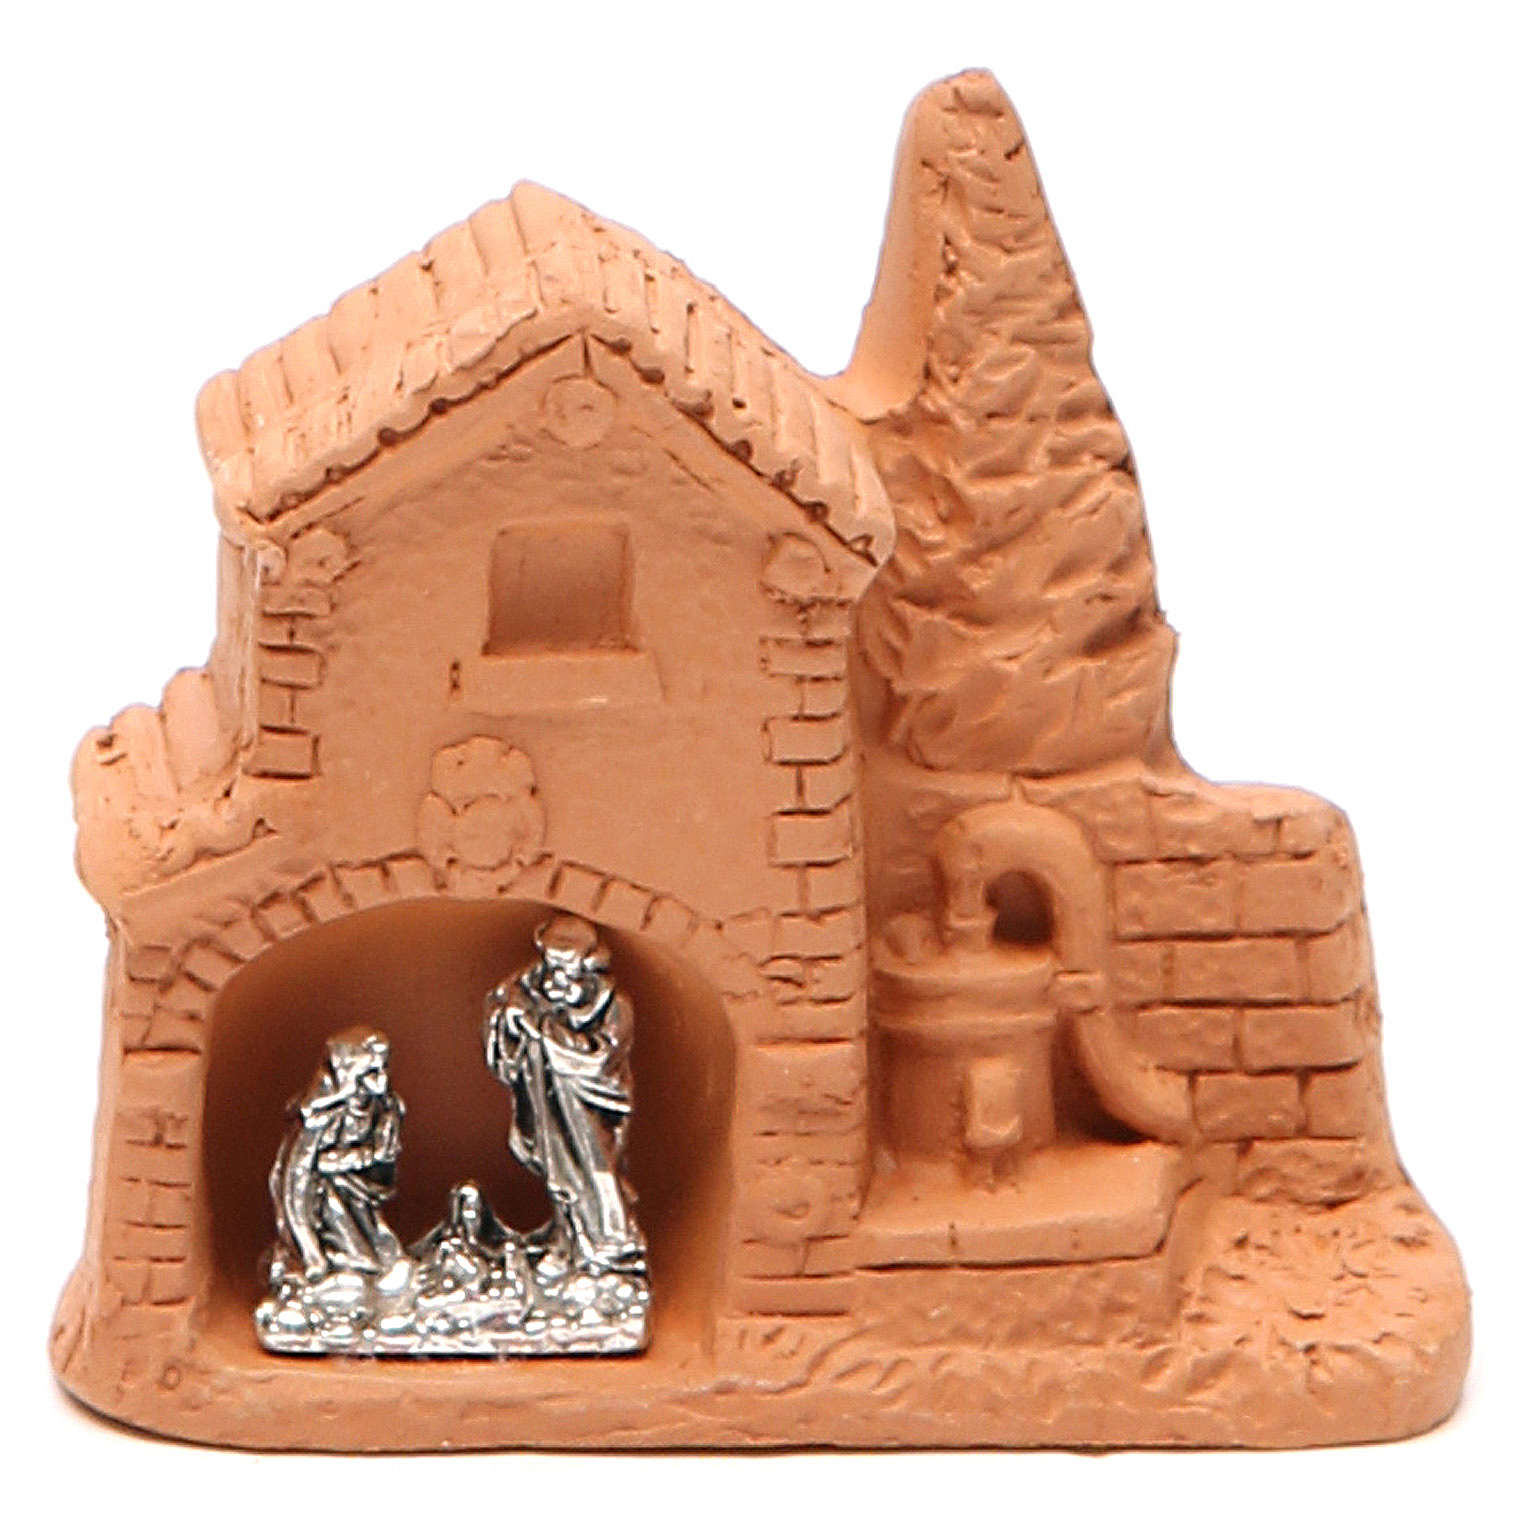 Cabana e Natividade miniatura terracota natural 6x7x3 cm 4